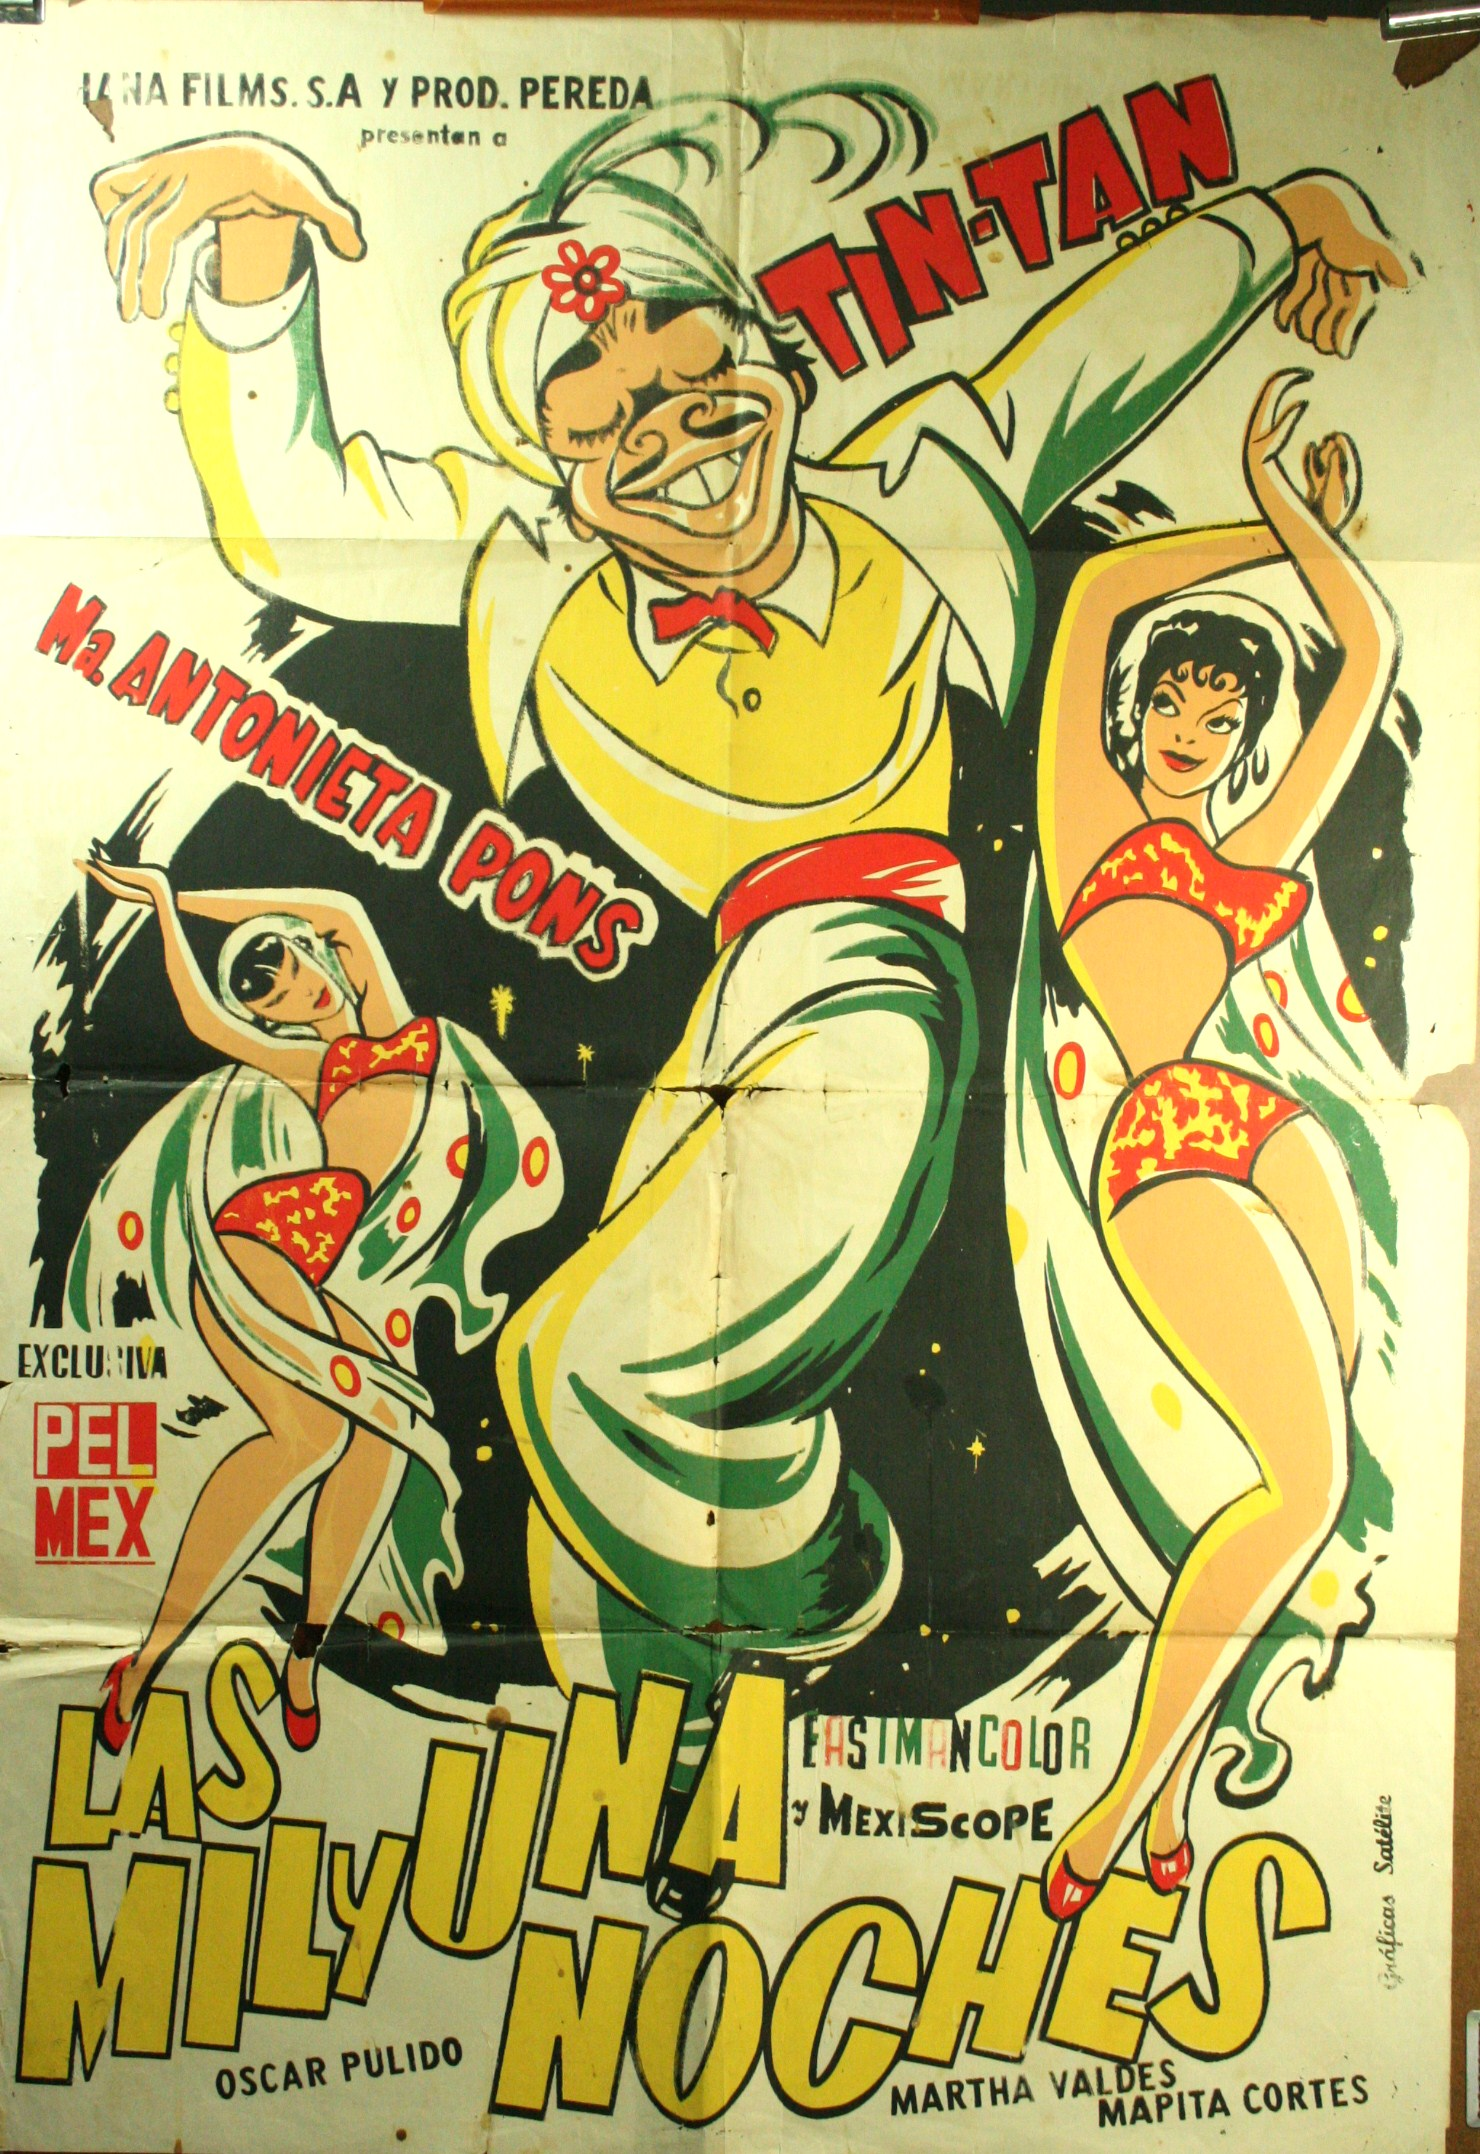 Arabian Nights Pelicula Completa Español las mil y una noches (arabian nights) cartel de la película